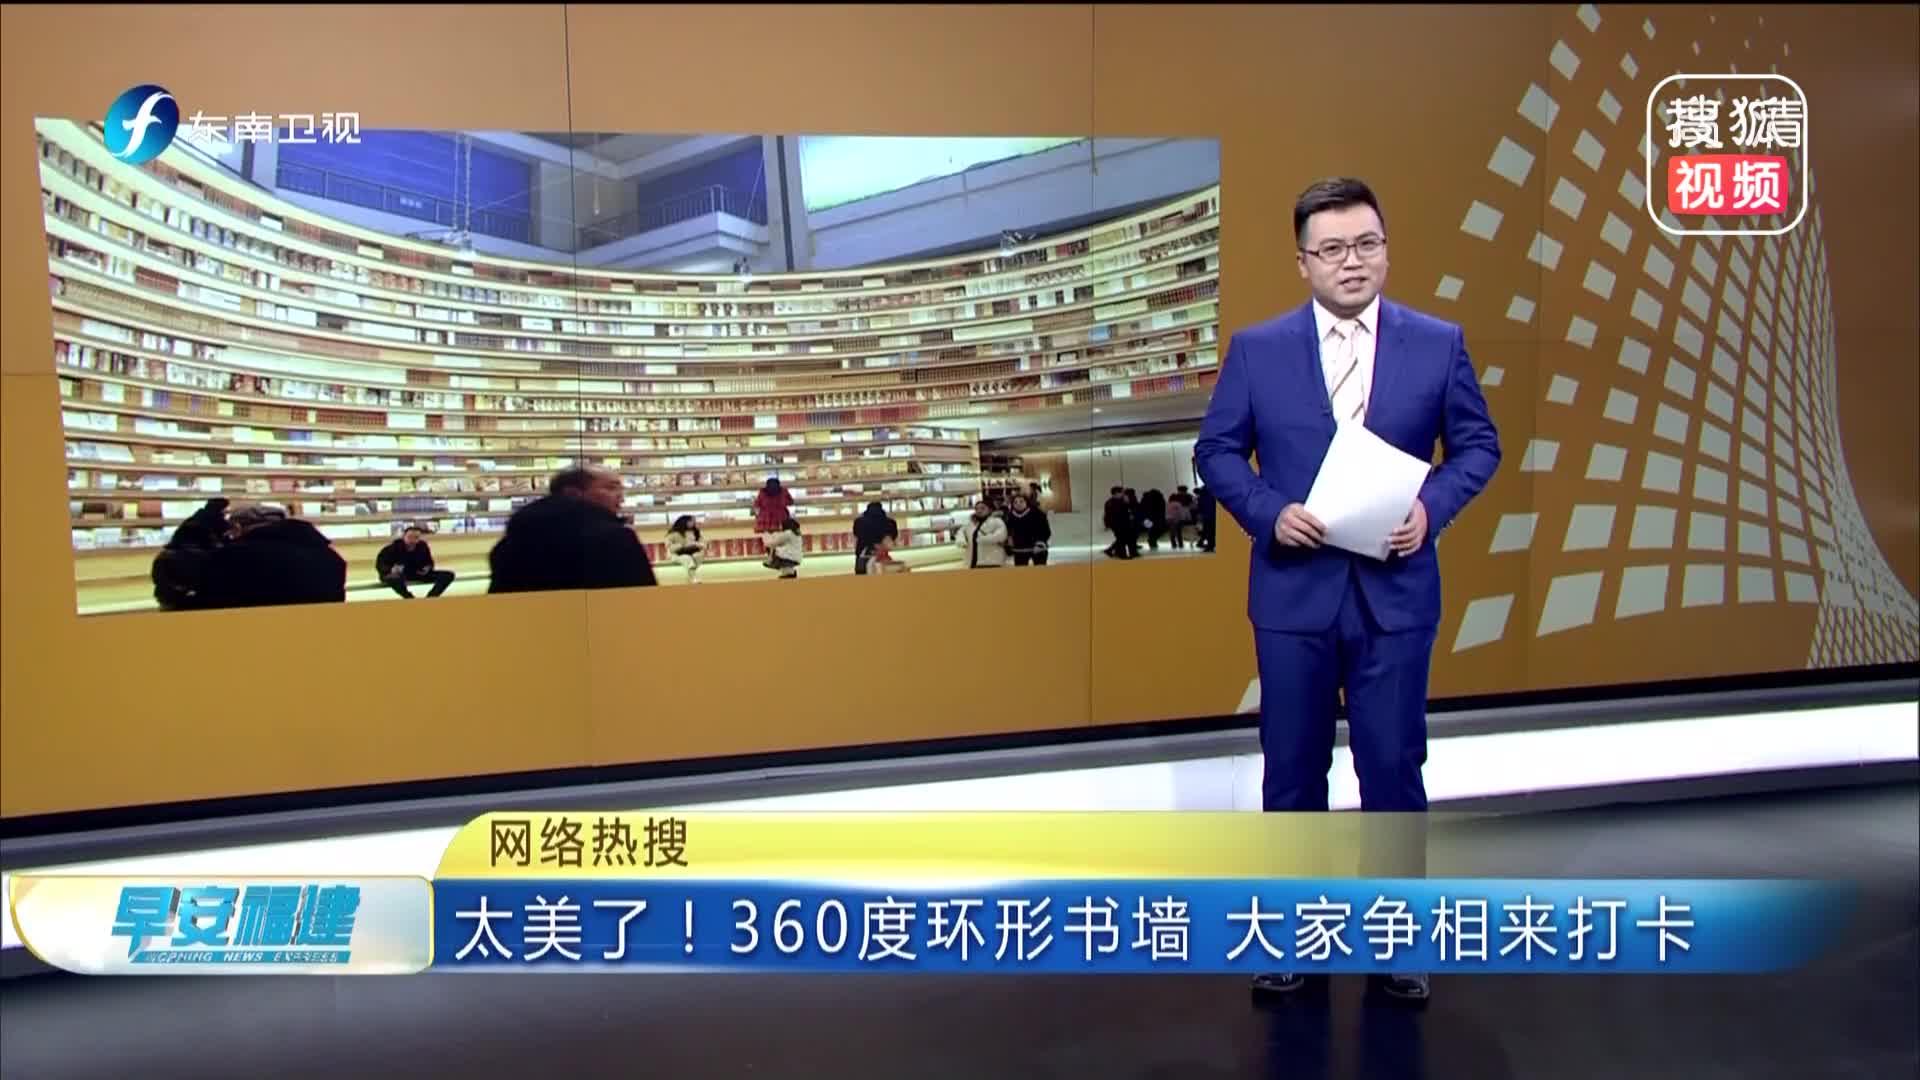 [视频]太美了!360度环形书墙 大家争相来打卡